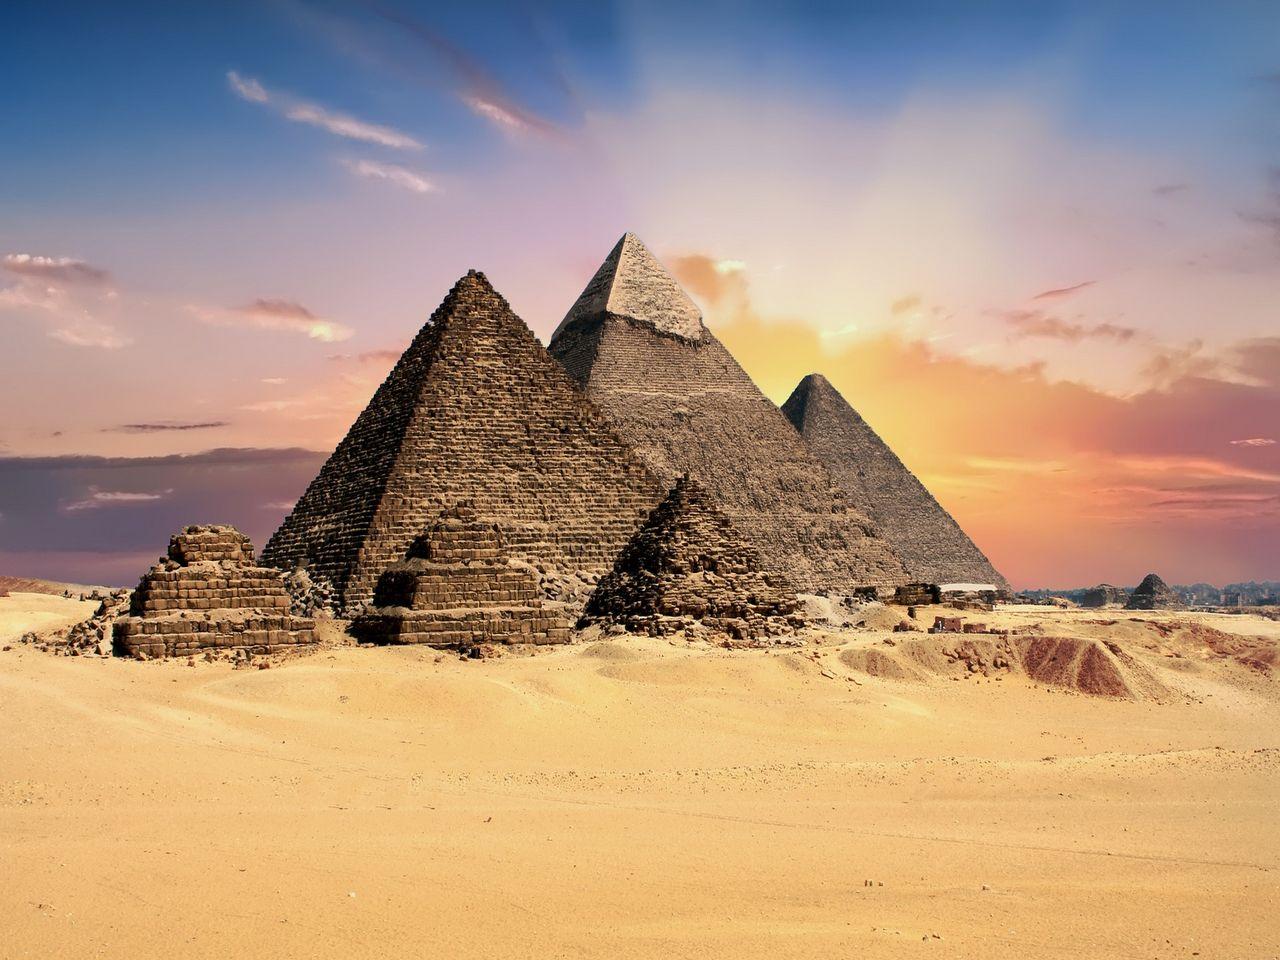 Pirámides de Guiza en Egipto. Imagen de TheDigitalArtist en Pixabay.